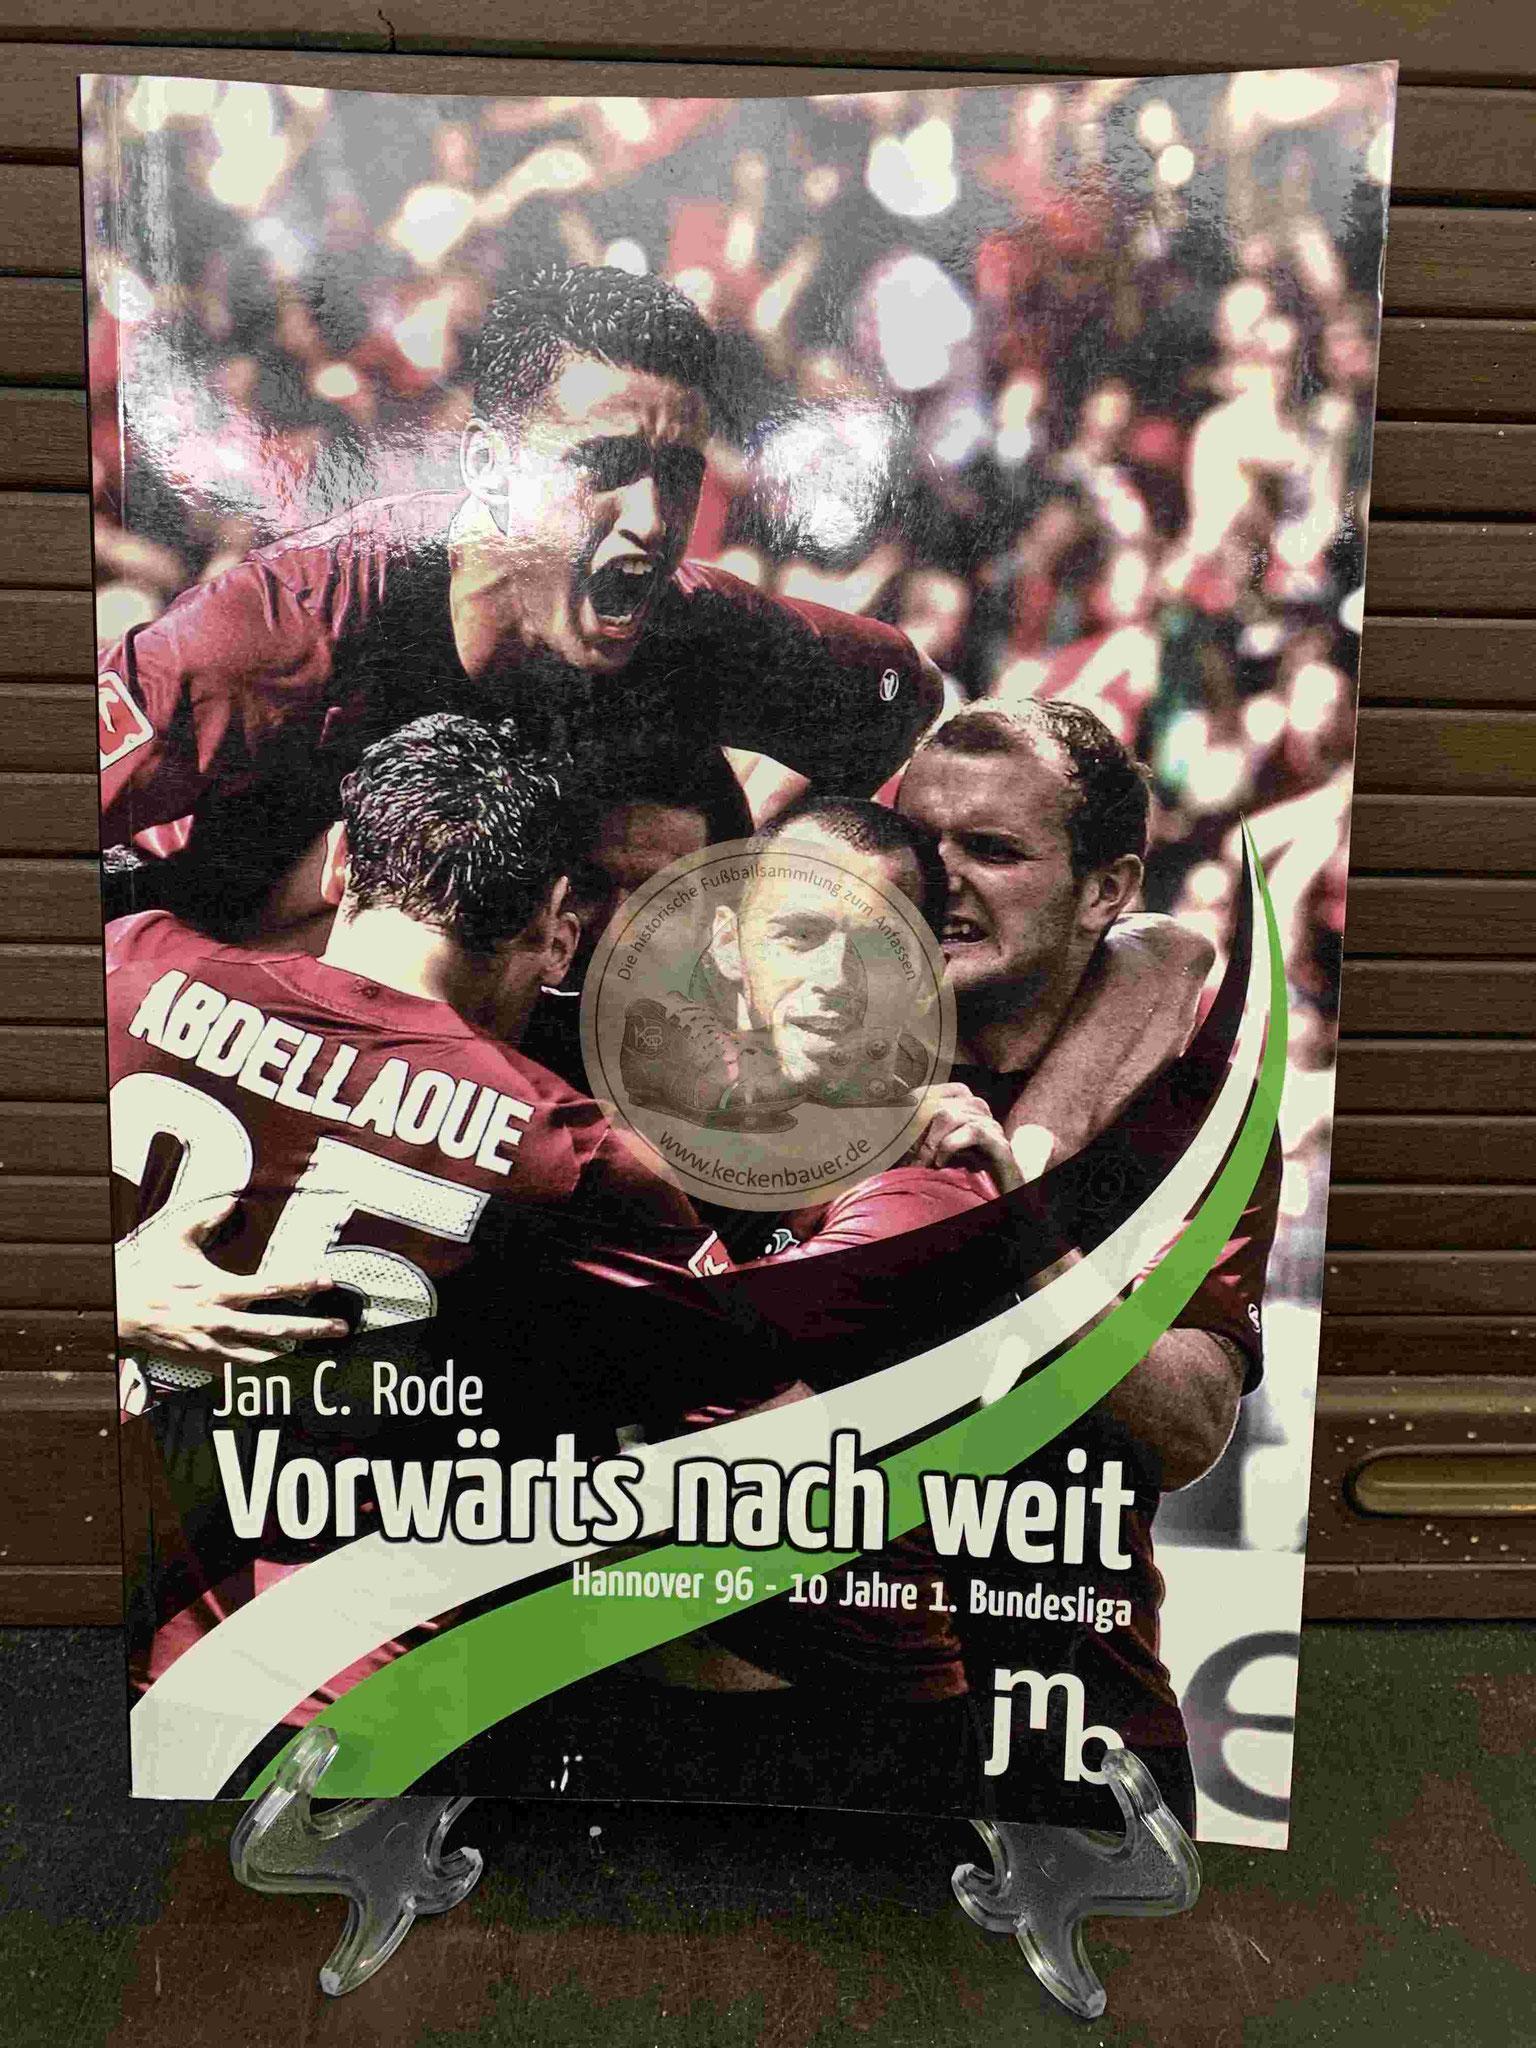 Jan C. Rode Vorwärts nach weit Hannover 96 10 Jahre 1. Bundesliga aus dem Jahr 2012